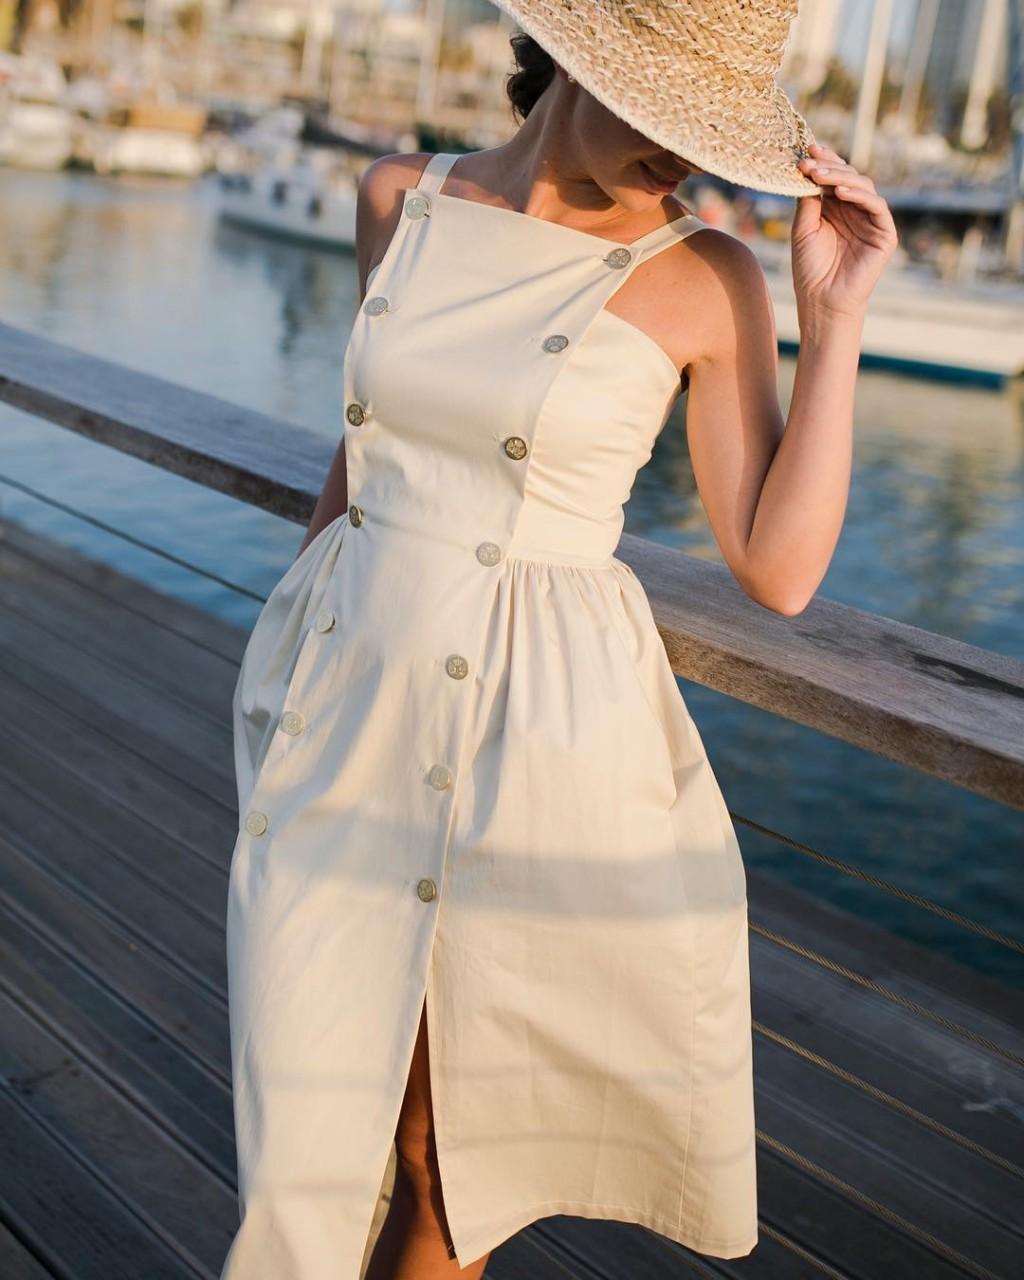 Летние платья для женщин после 40 лет: 20 стильных образов